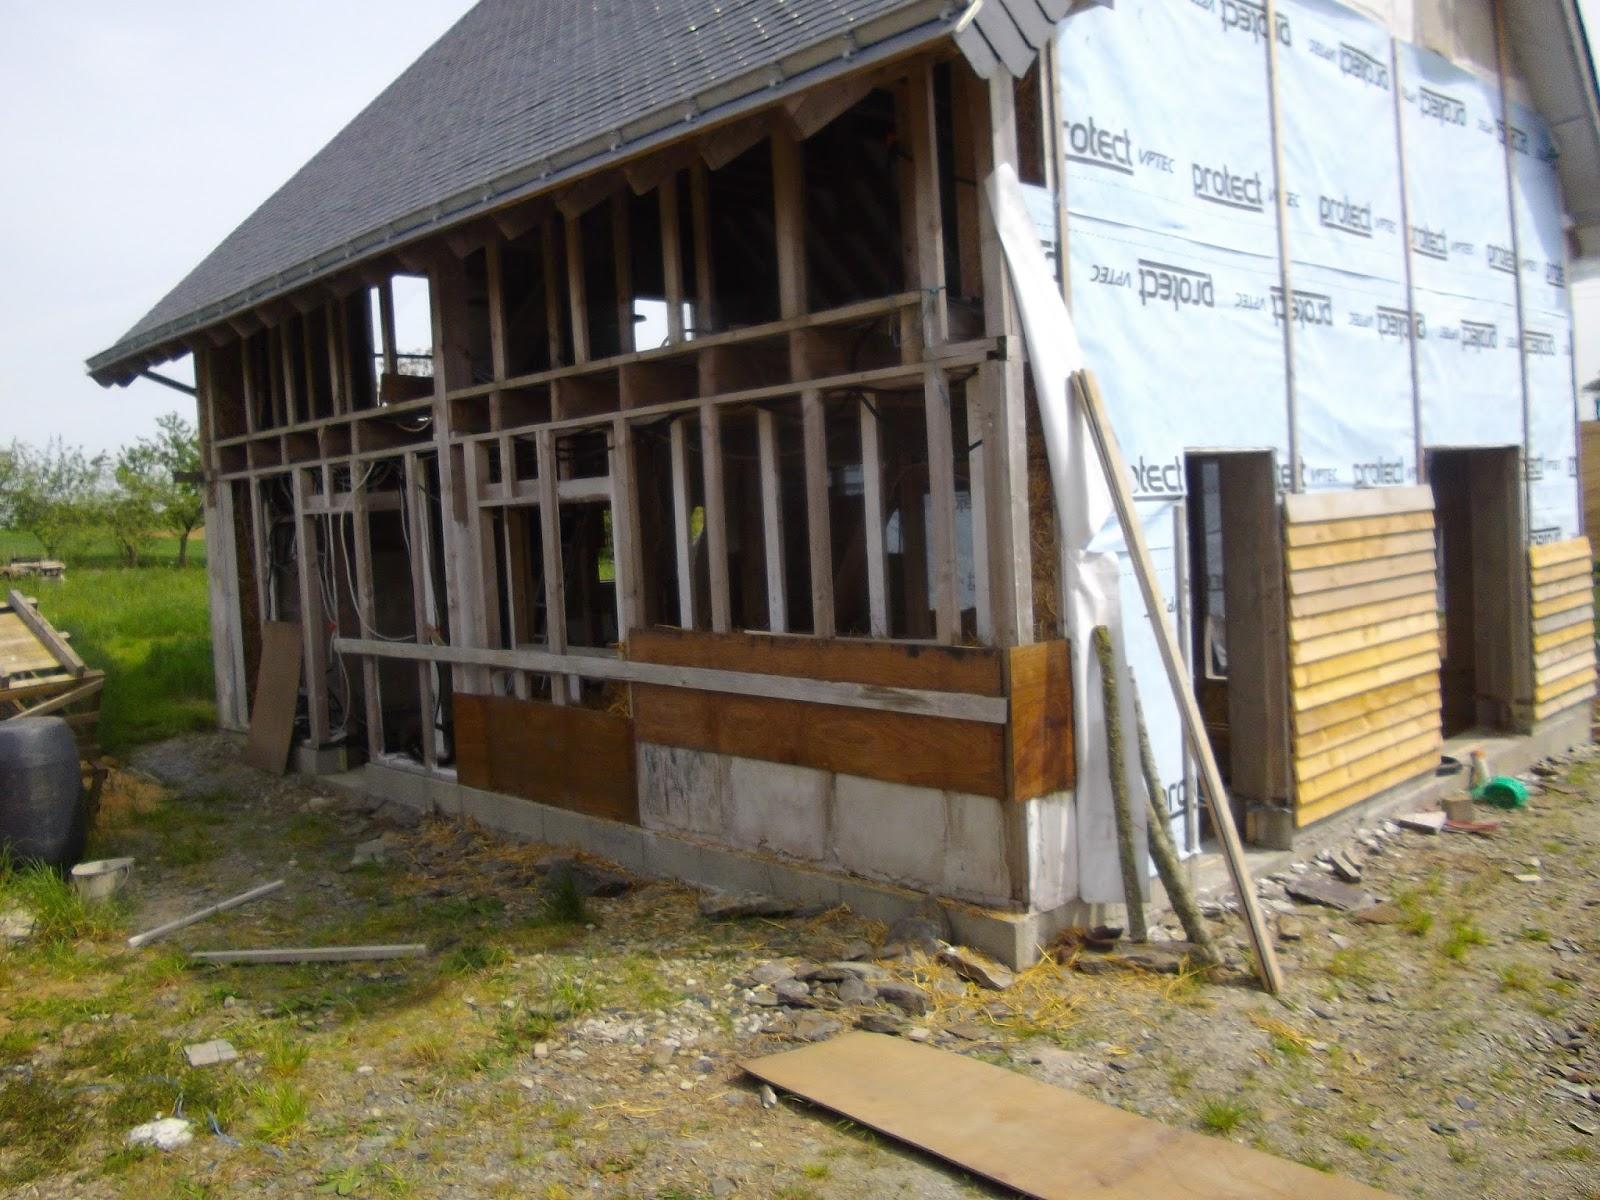 construction de notre maison en bois et paille remplissage mur nord plancher tage. Black Bedroom Furniture Sets. Home Design Ideas